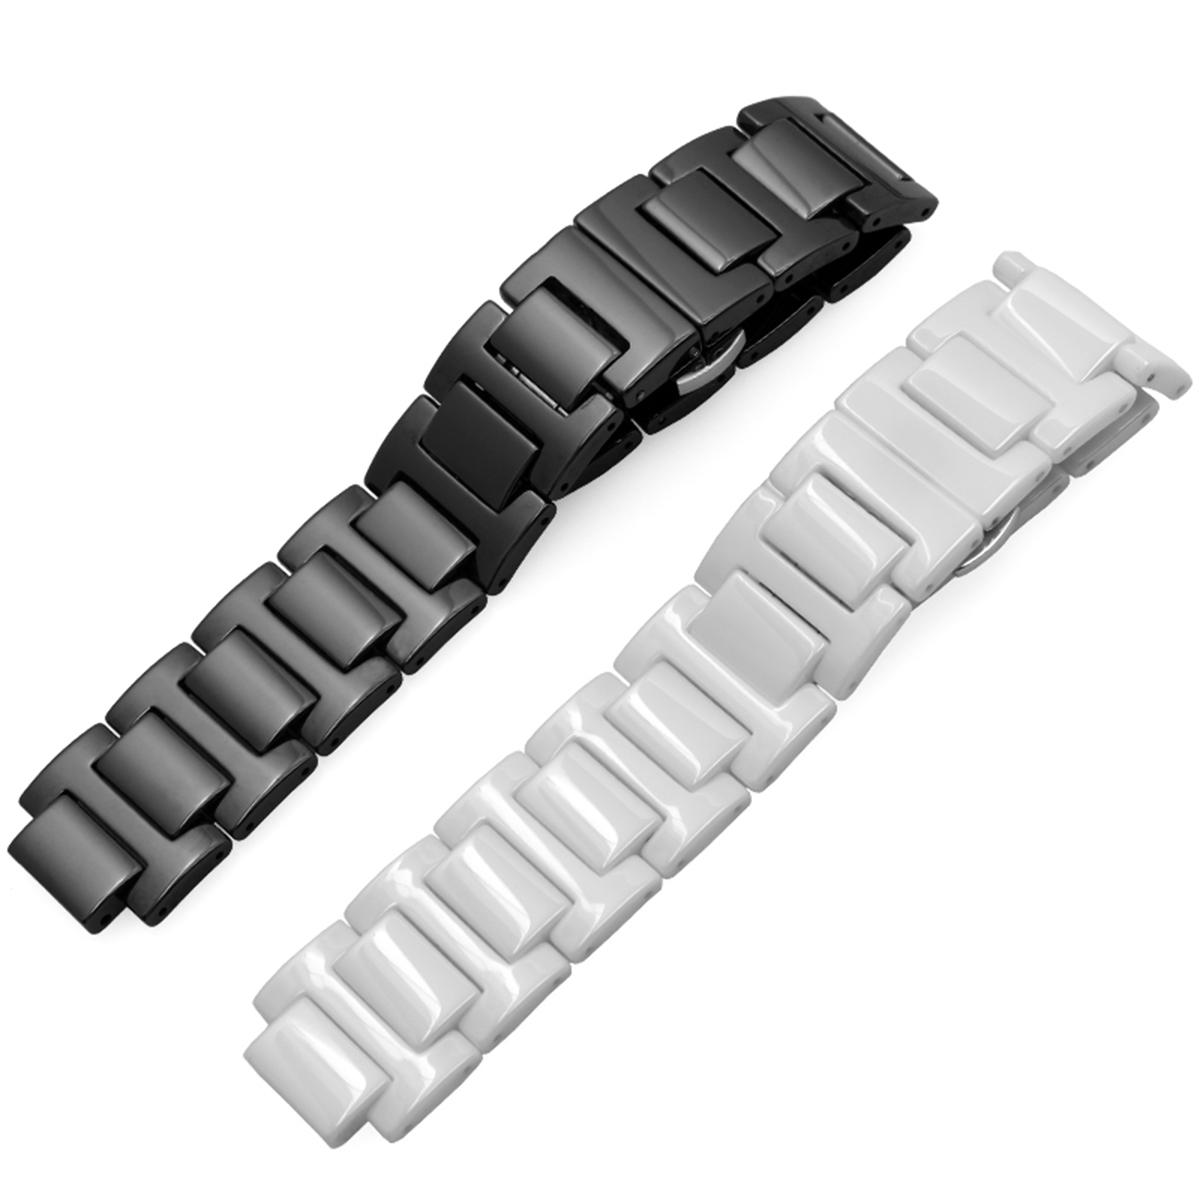 腕時計ベルト 腕時計バンド 替えストラップ 社外品 汎用セラミックベルト 取付幅14x8mm/20x12 適用: Cartier カルティエ [バロンブルー] (尾錠)Dバックル付き [ Eight - ECMB011 ]